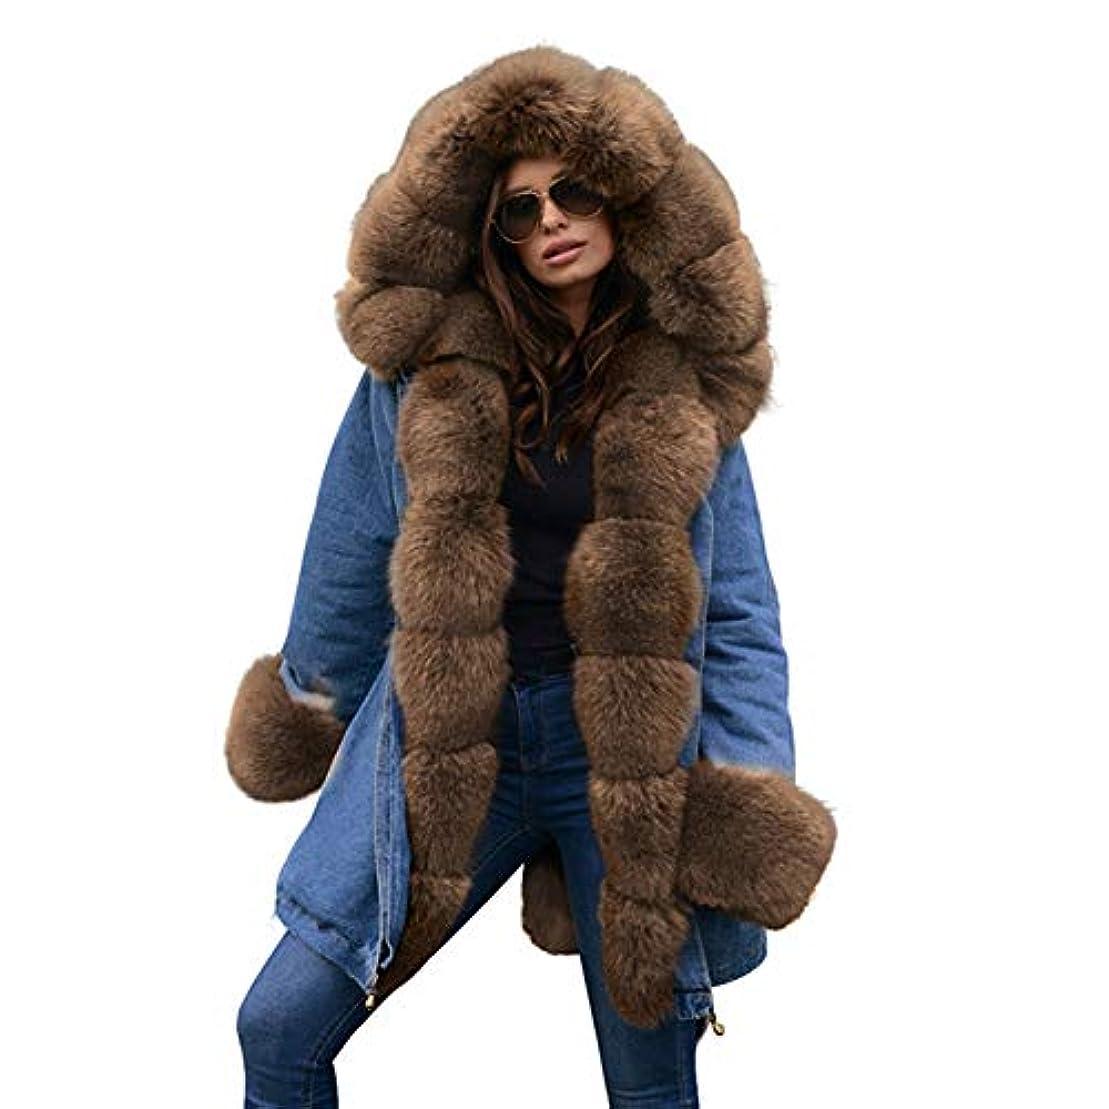 エリート見せますマダム厚手フード付きジャケット女性ウィンターフェイクファーカラーコートコットンパットオーバーコートロングコートパーカスパーカ,S